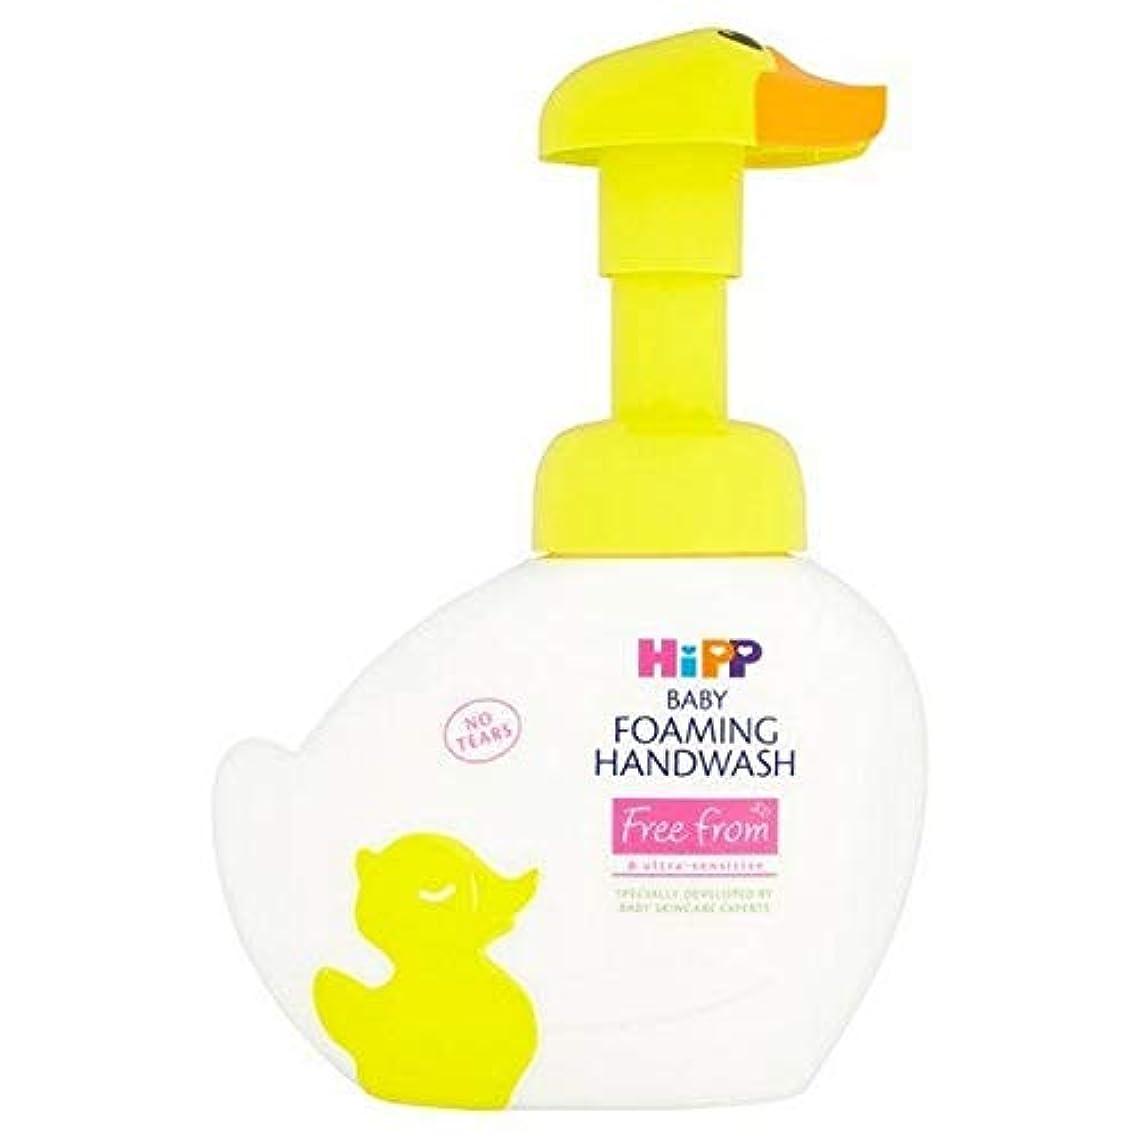 ゆりかごストローク勢い[Hipp ] ヒップ自由手洗いの250ミリリットルを発泡から - HiPP Free From Foaming Handwash 250ml [並行輸入品]